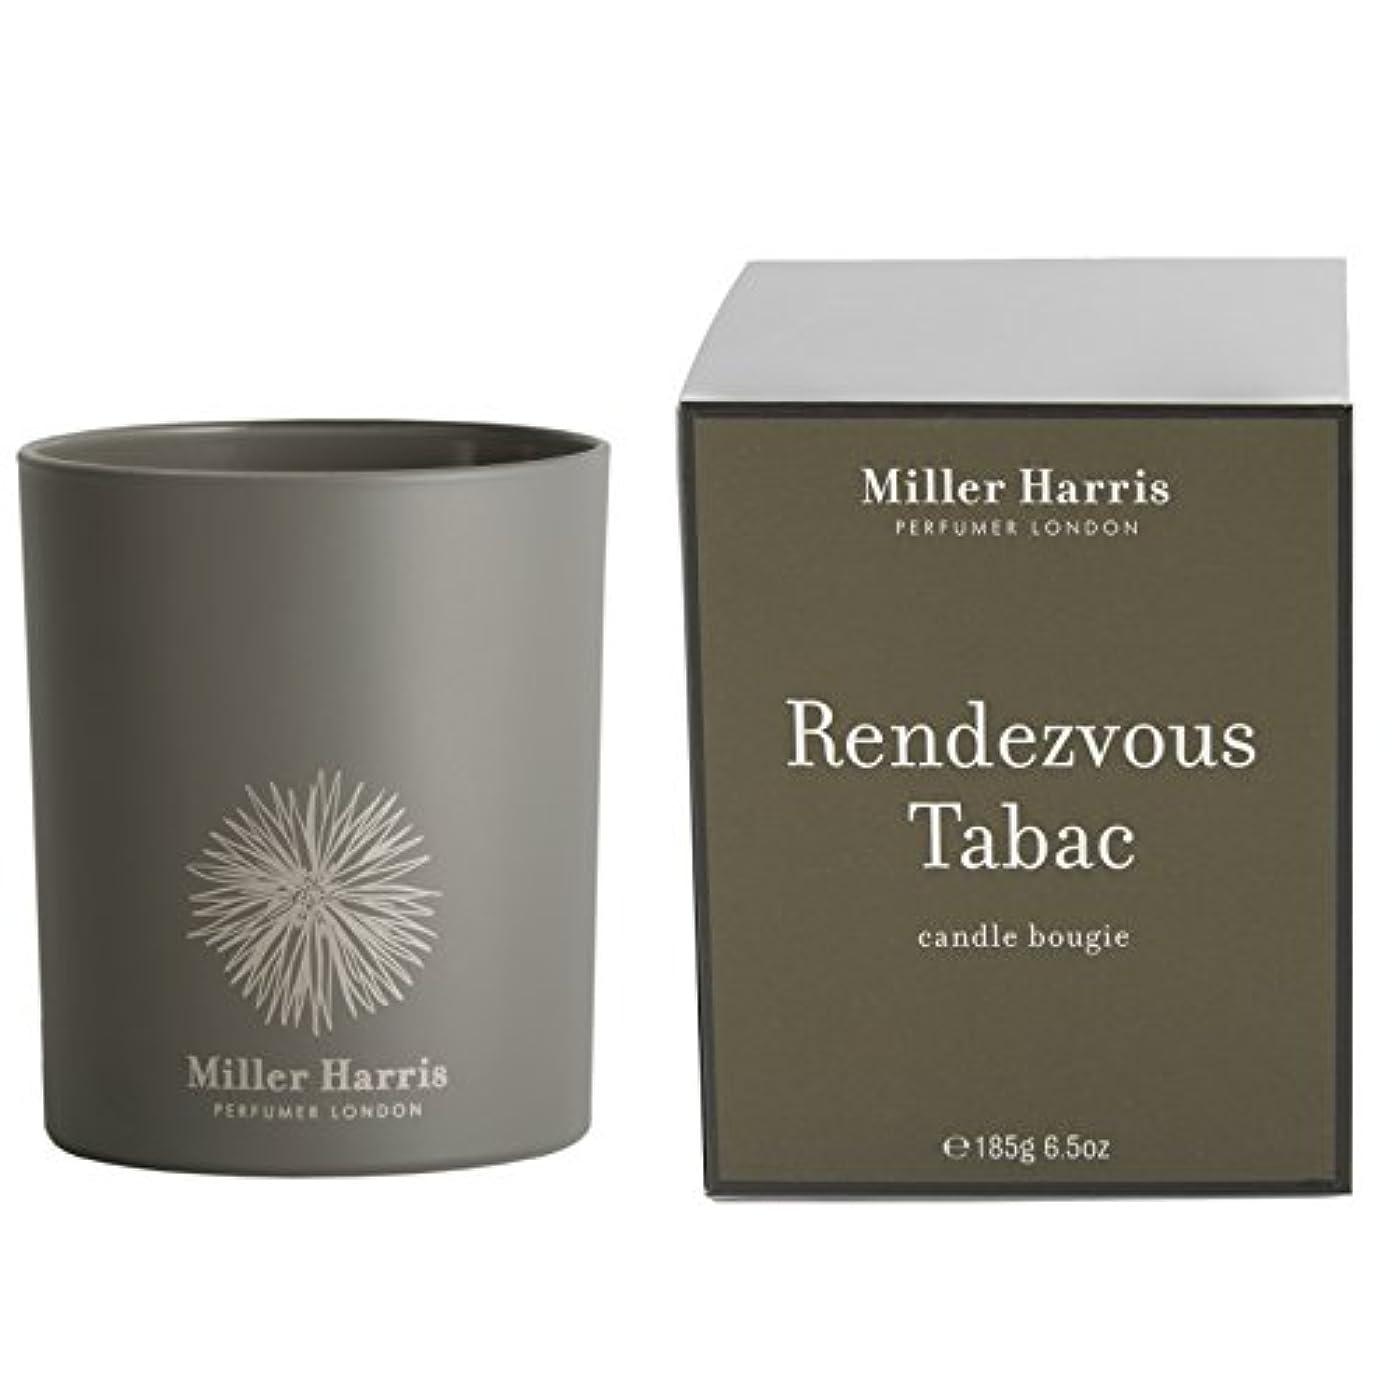 ピックデマンド赤ちゃんミラーハリス Candle - Rendezvous Tabac 185g/6.5oz並行輸入品